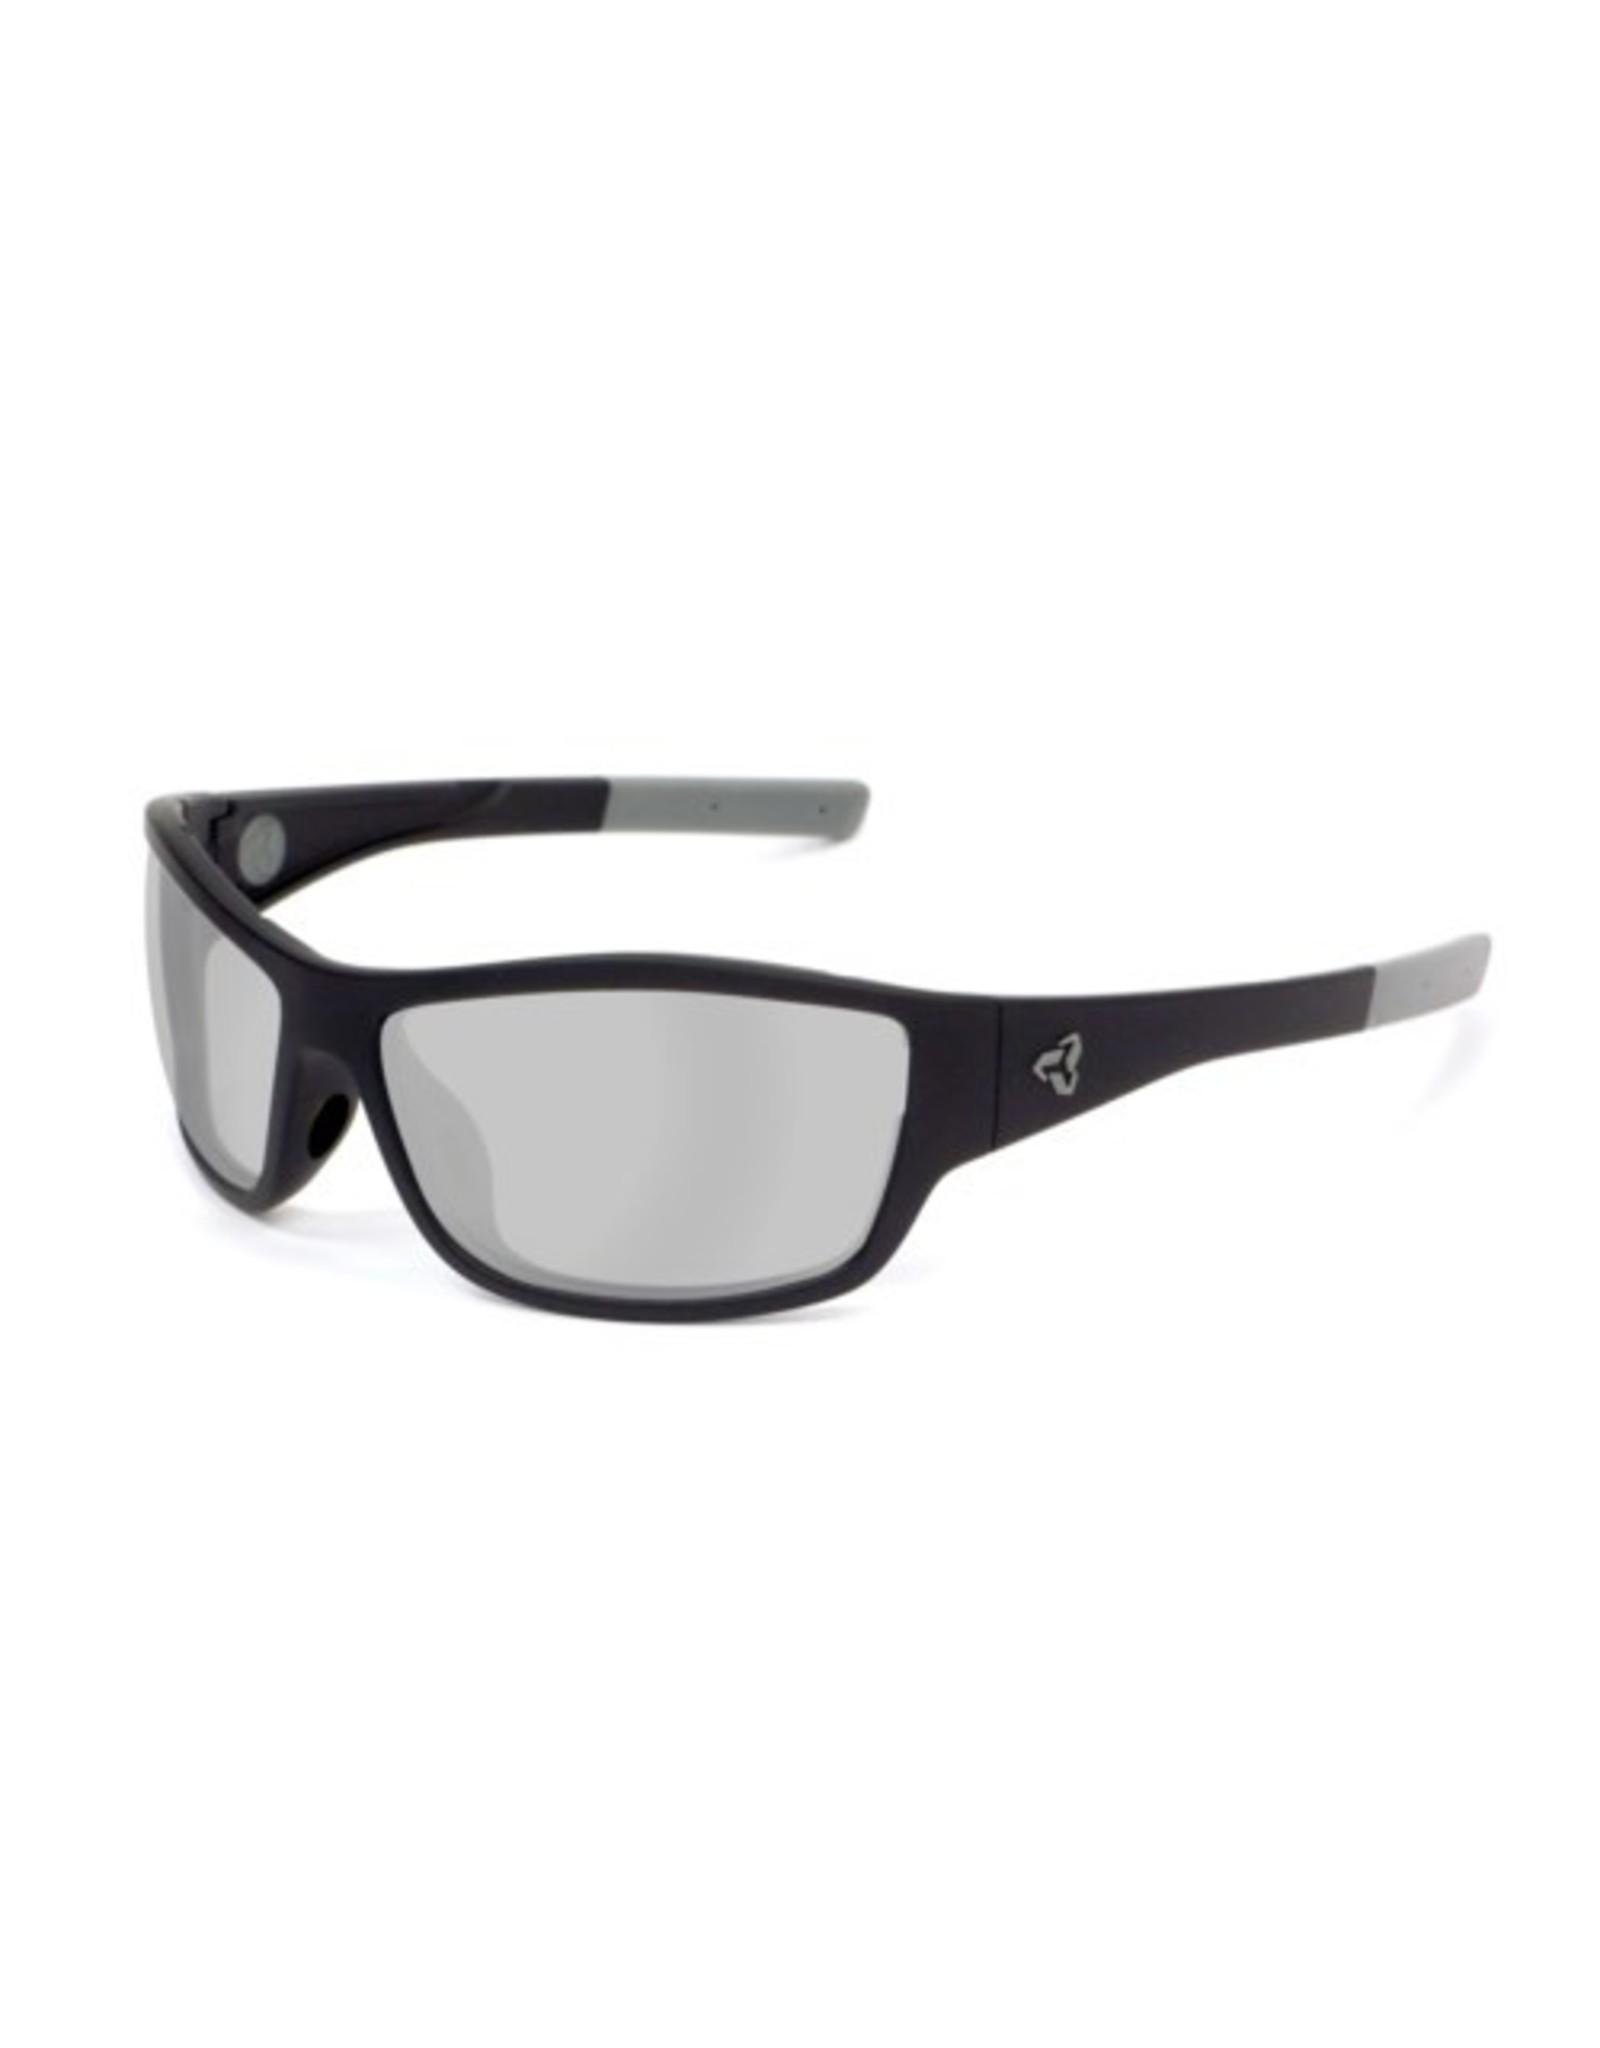 Ryders Eyewear - Bowery Poly Matte Black-Matte Gun/Grey Lens Silver FM Anti Fog